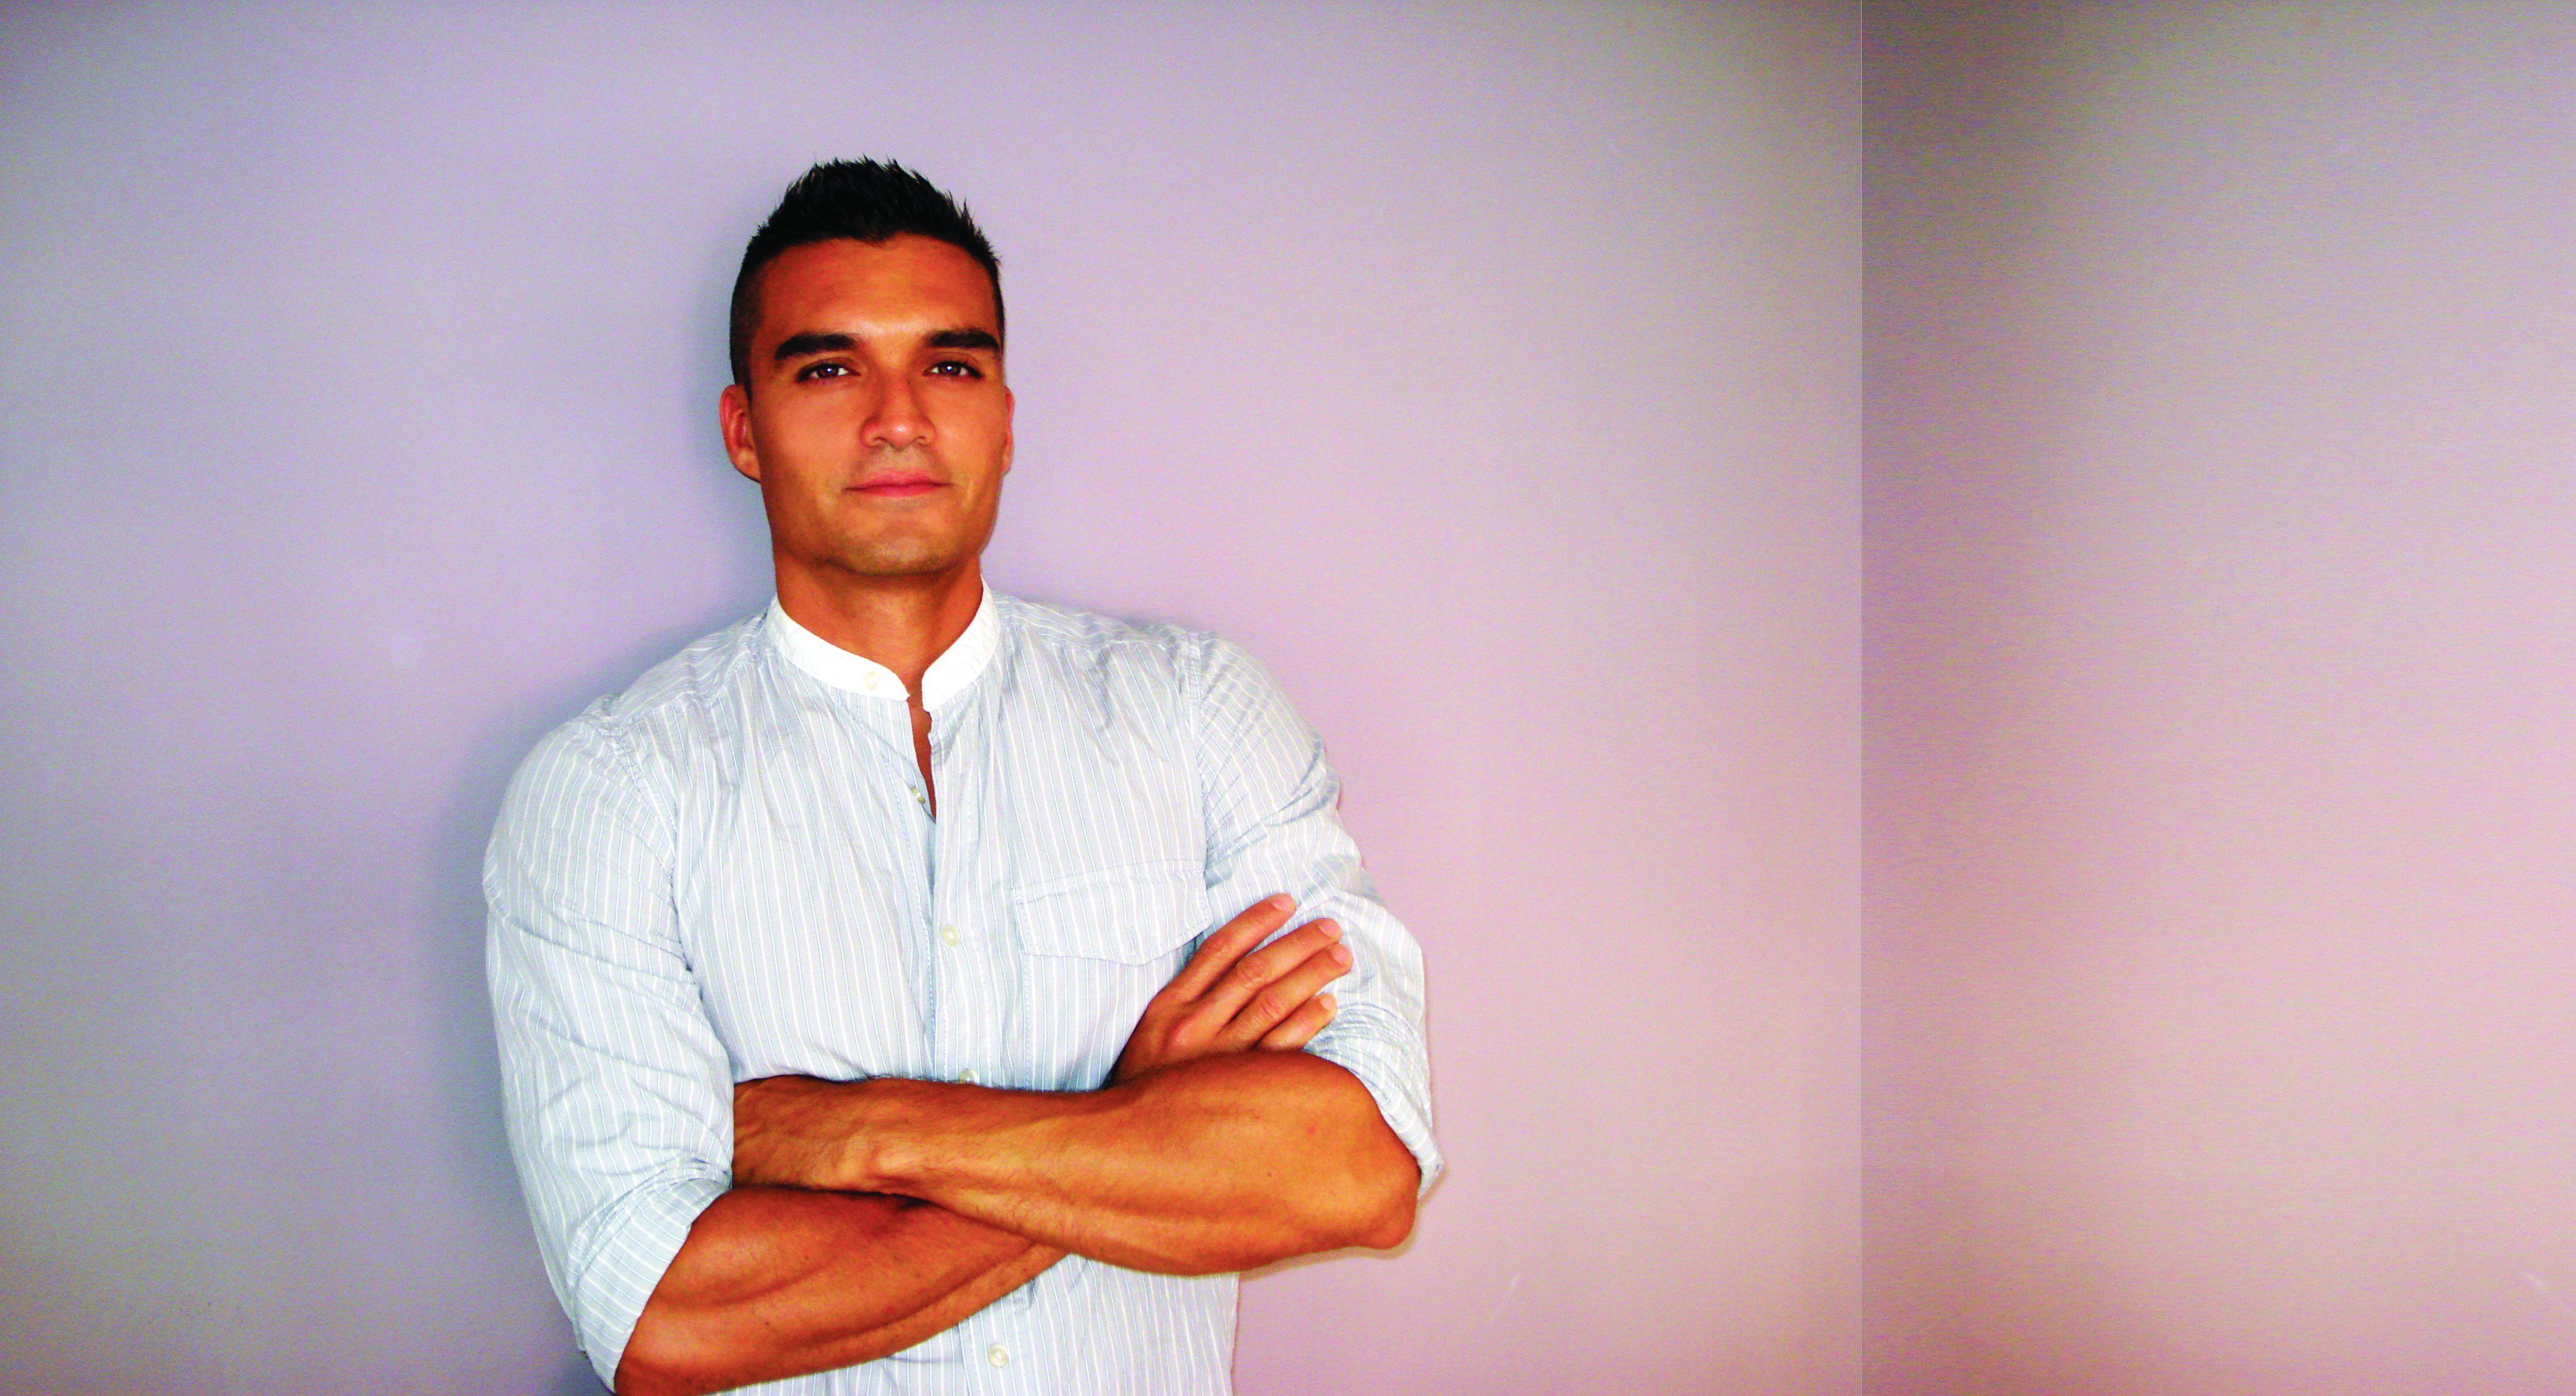 Intervju Patricio Alejandro Aguero